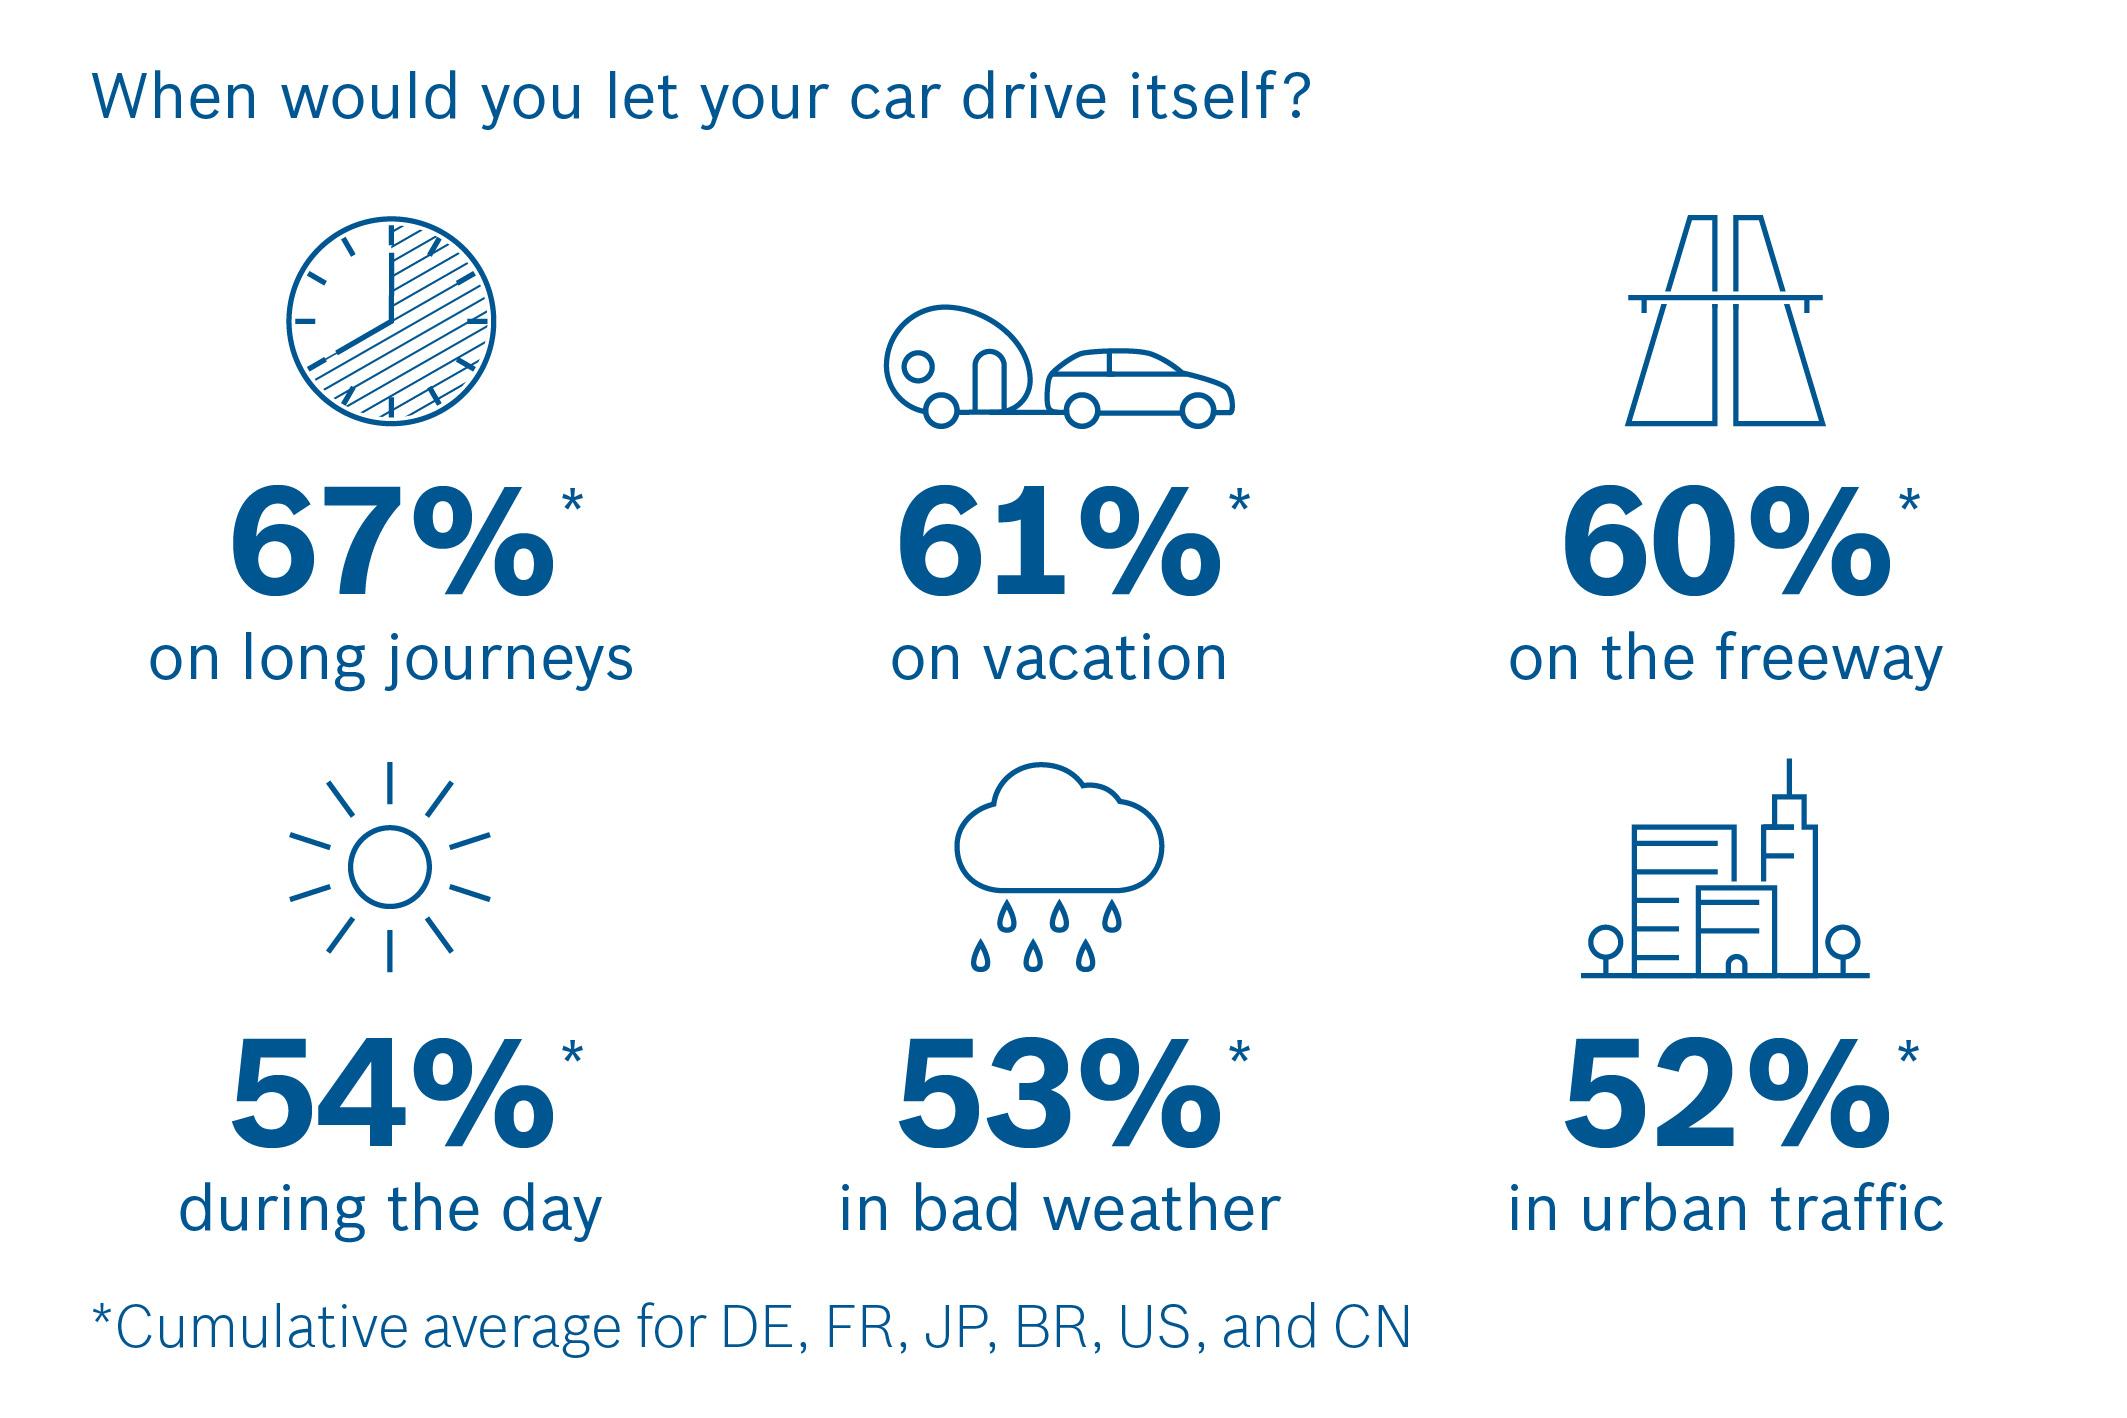 Umfrage zum automatisierten Fahren